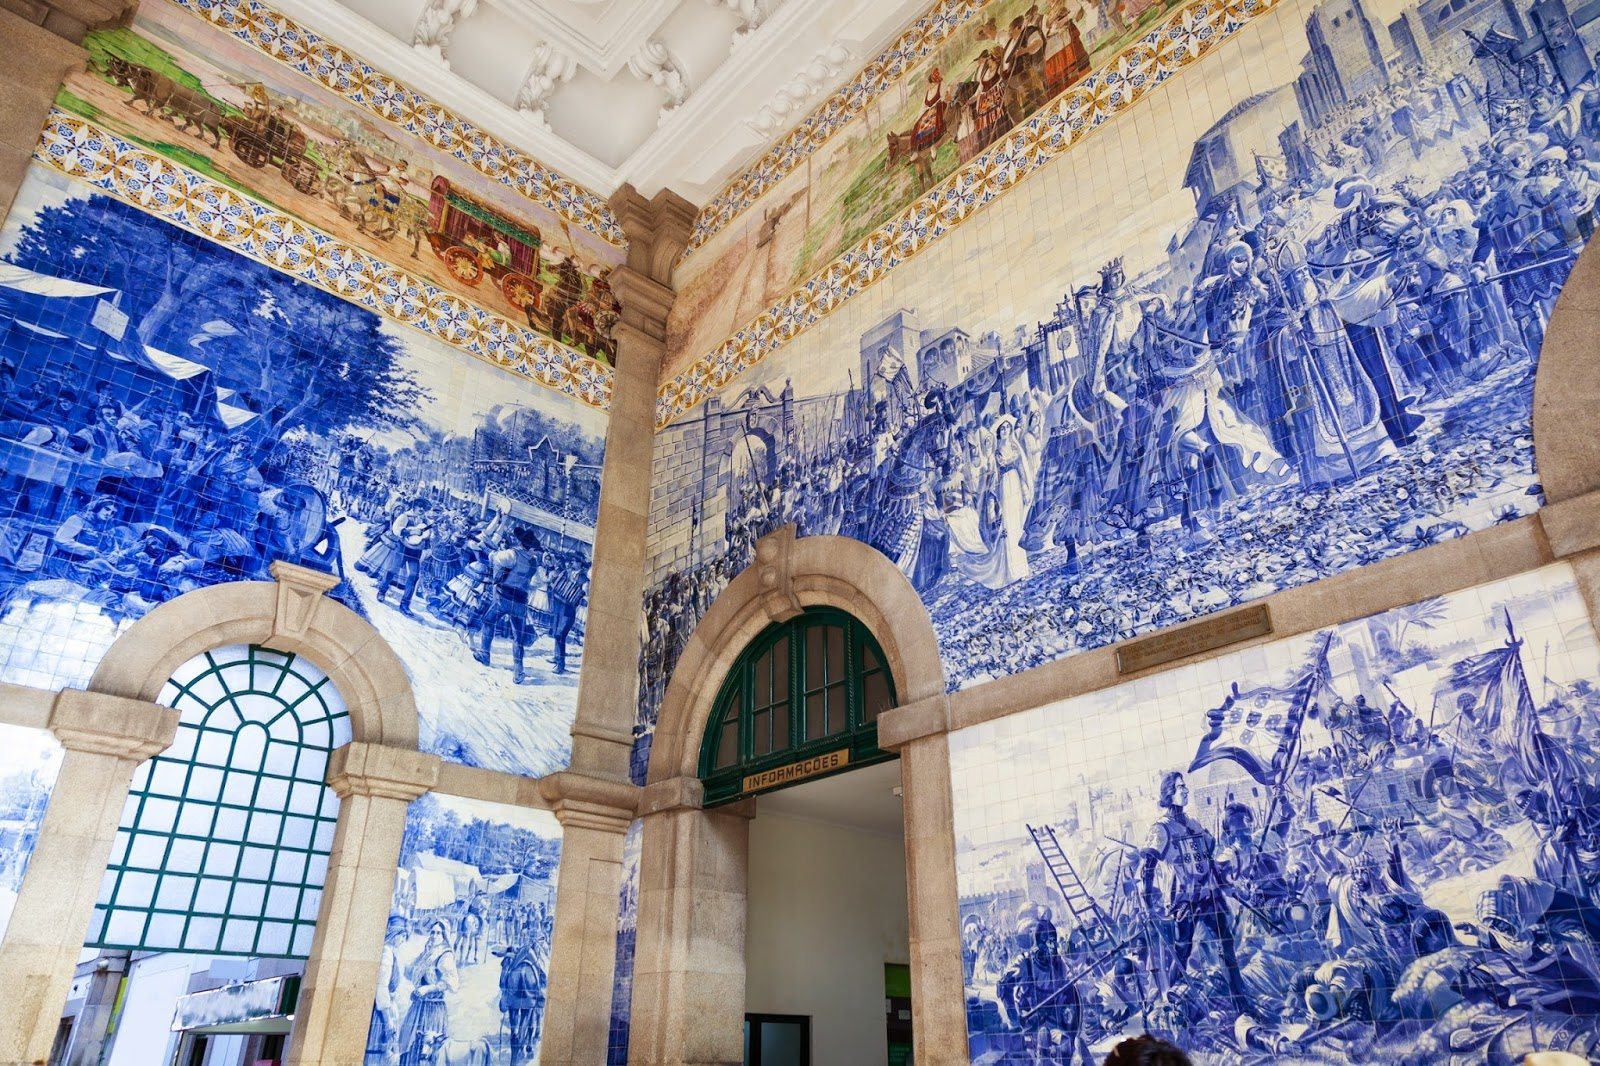 Oporto, un clásico destino turístico europeo 4